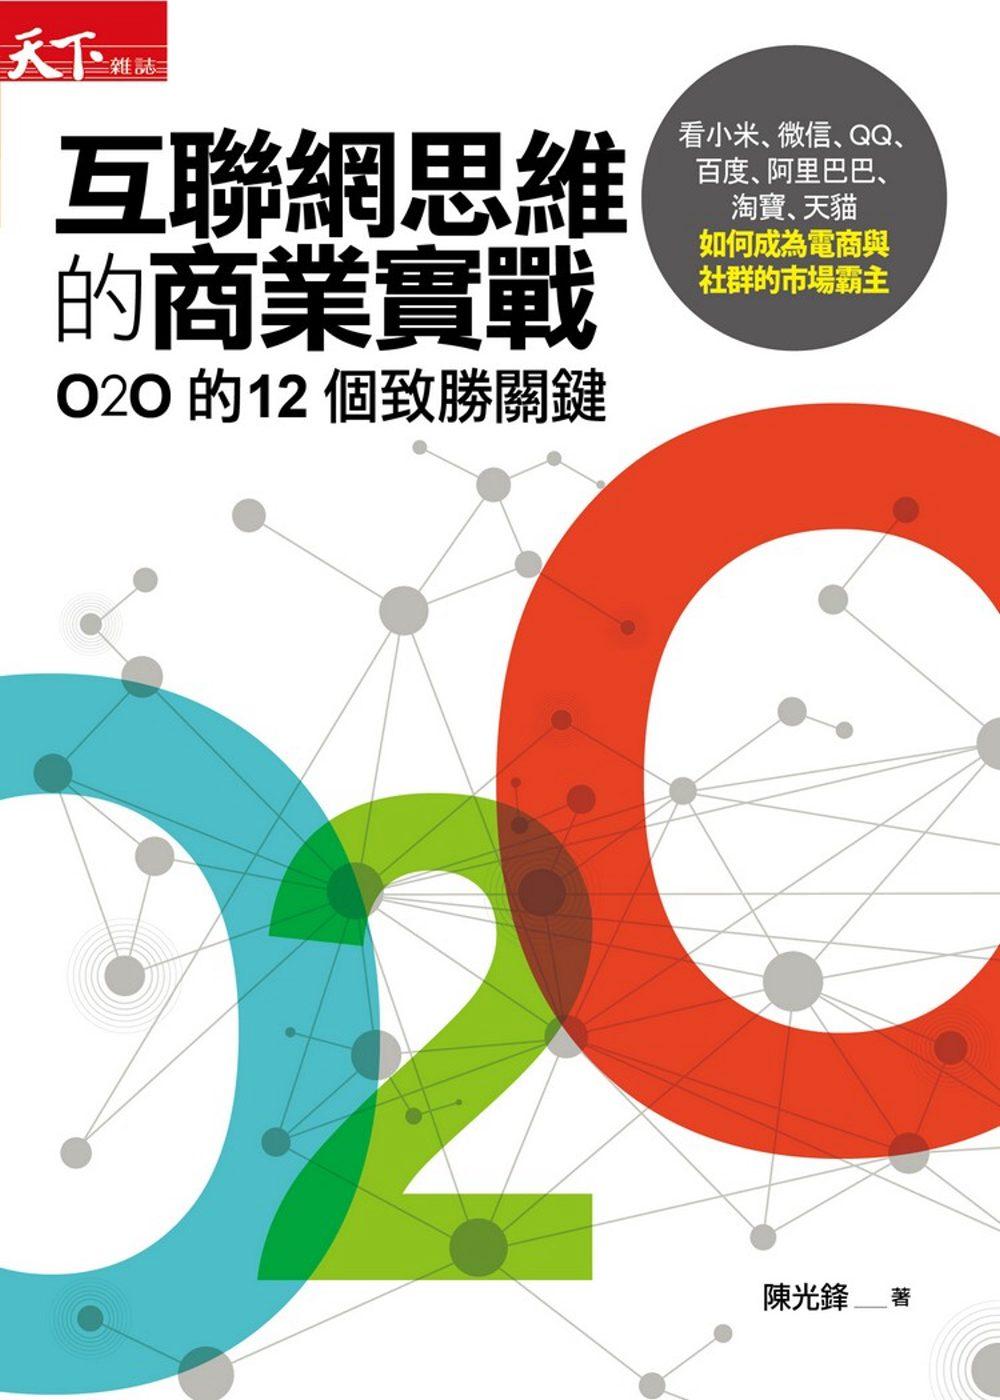 互聯網思維的商業實戰:O2O的12個致勝關鍵,看小米、微信、QQ、百度、阿里巴巴、淘寶、天貓如何成為電商與社群的市場霸主